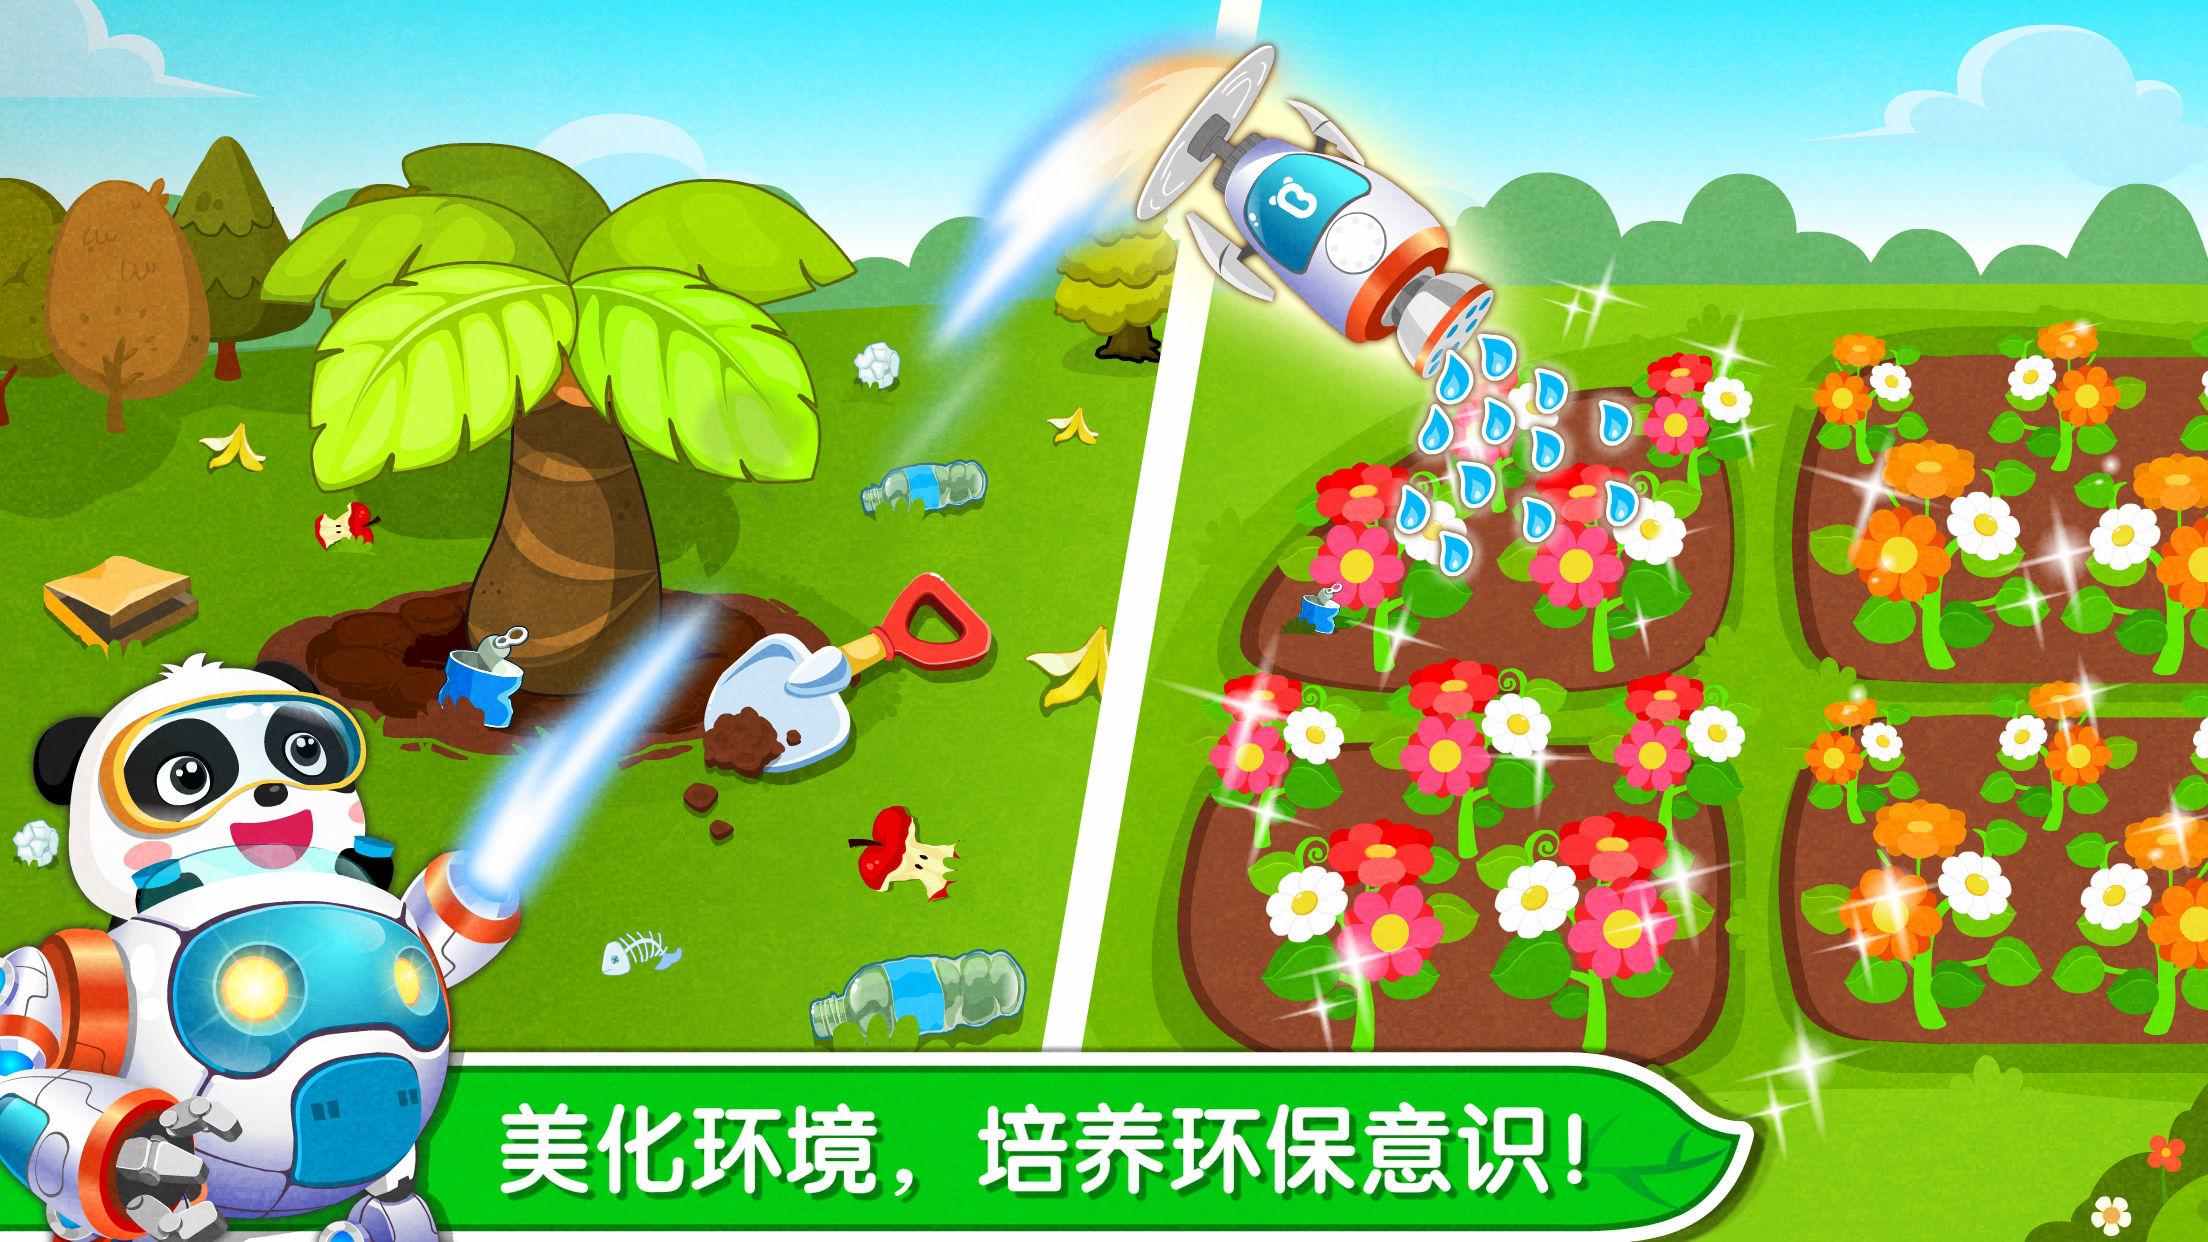 环保小宝宝 V9.35.10.00 安卓最新版截图2